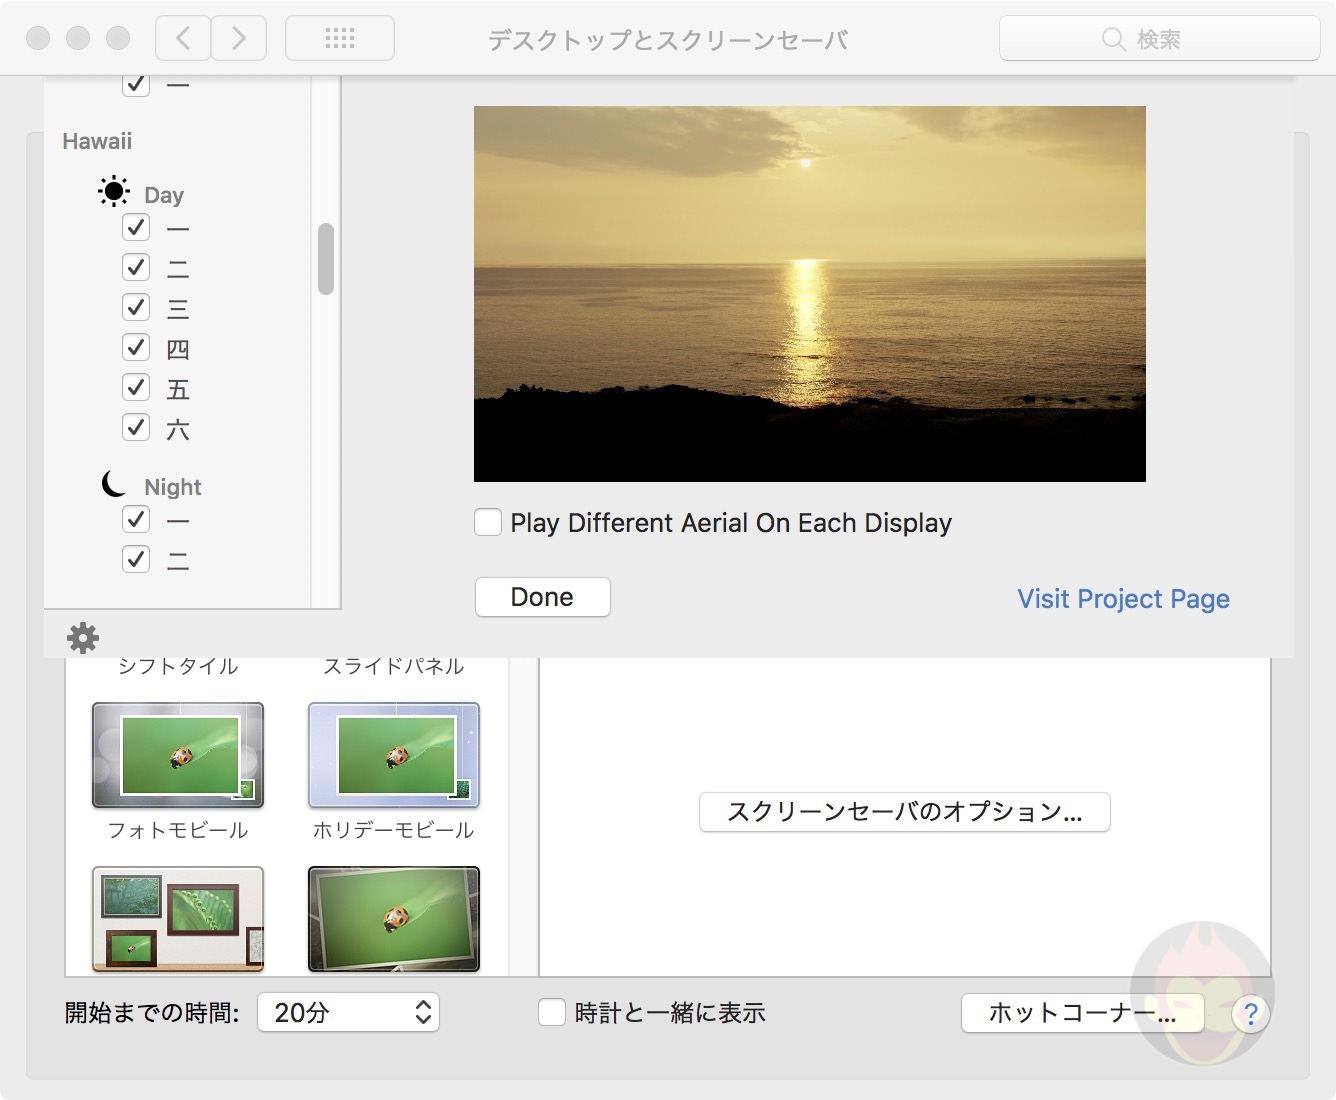 setting-up-Aerial-Screensaver-for-mac-01.jpg